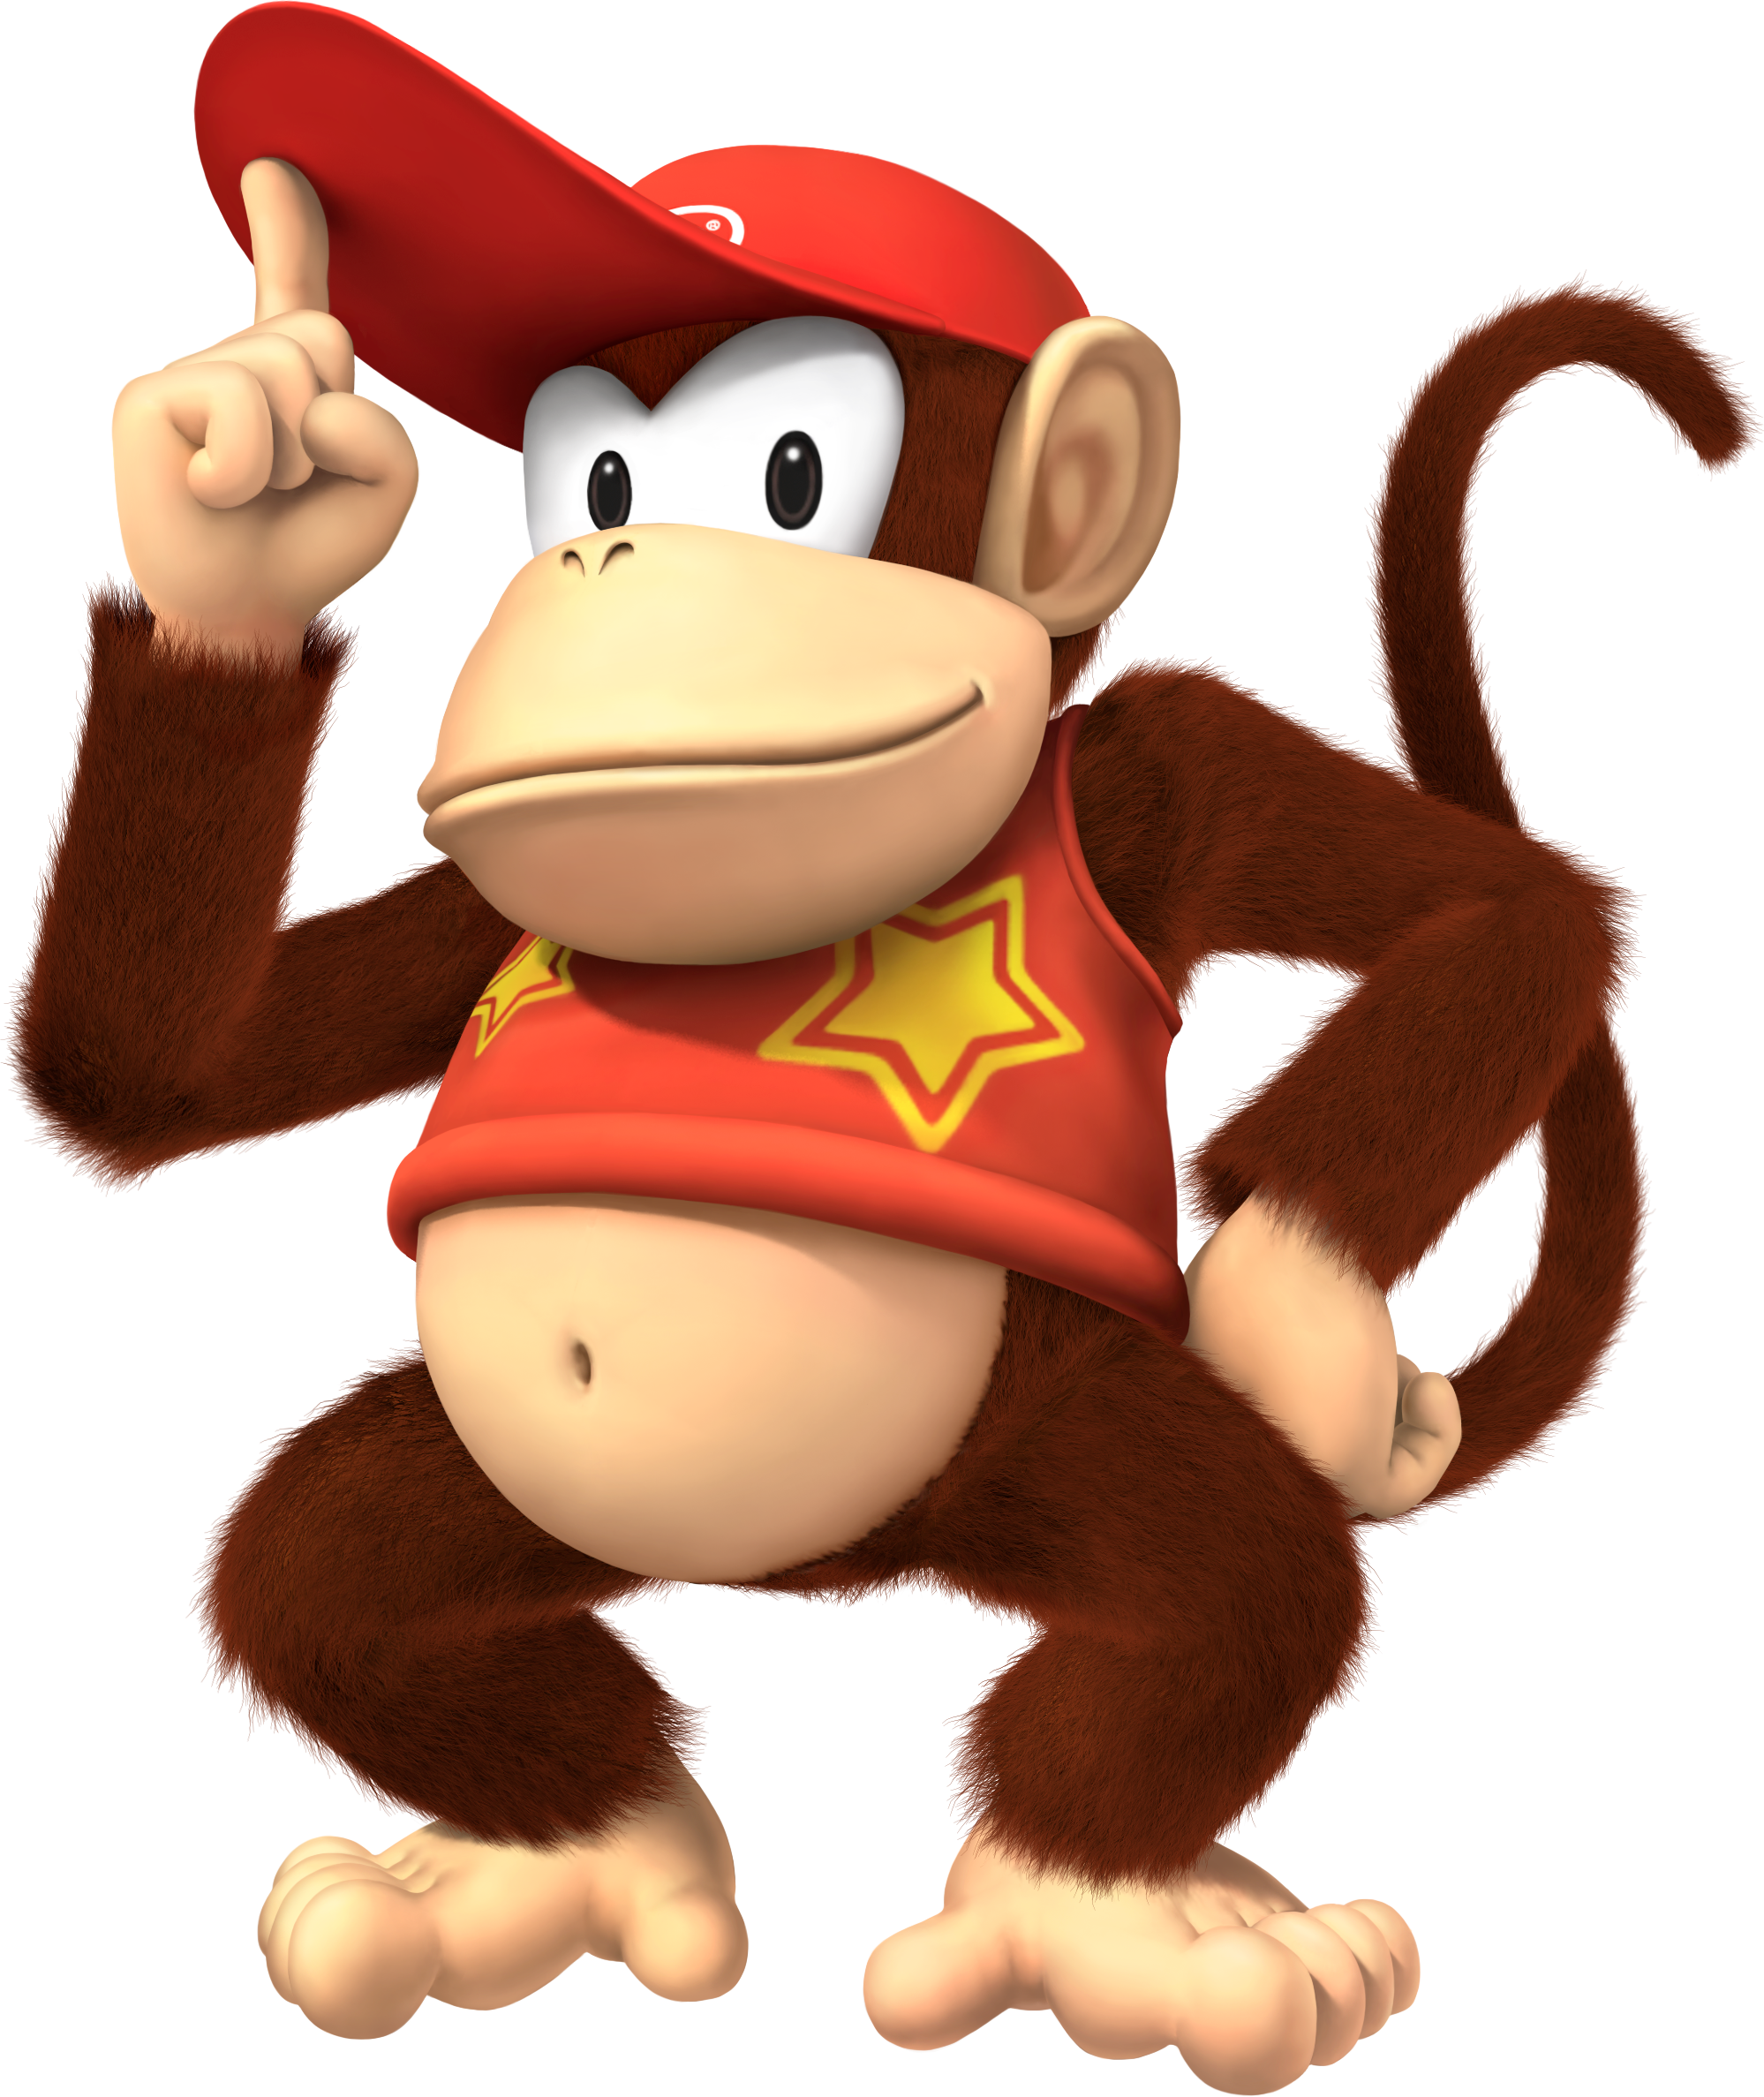 Baby Donkey Kong | www.imgkid.com - The Image Kid Has It!